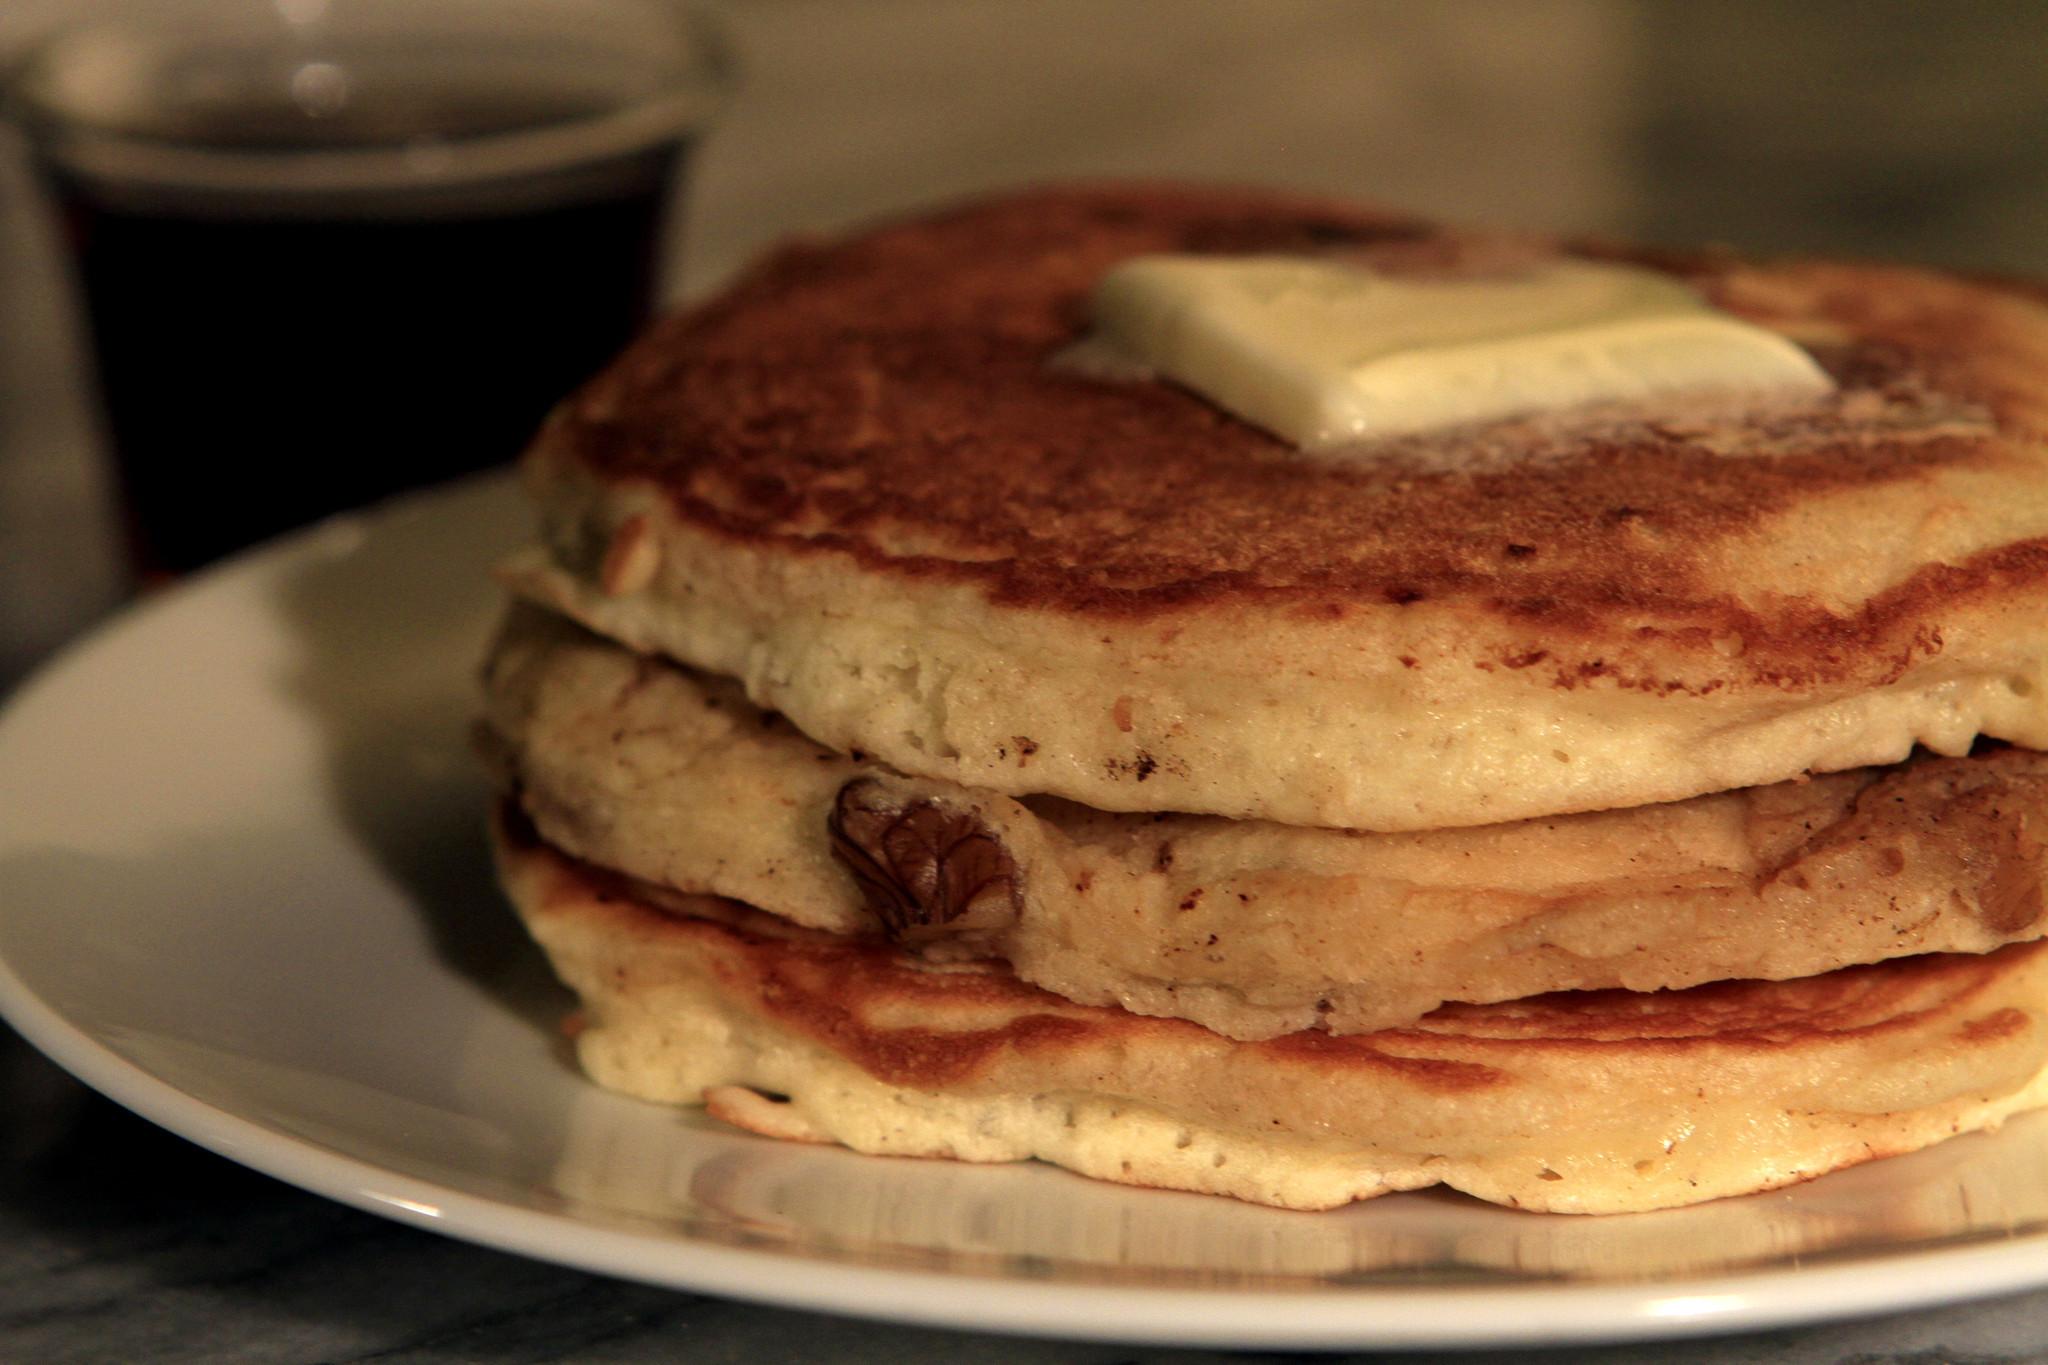 National Pancake Day: Five pancake recipes and free pancakes at IHOP